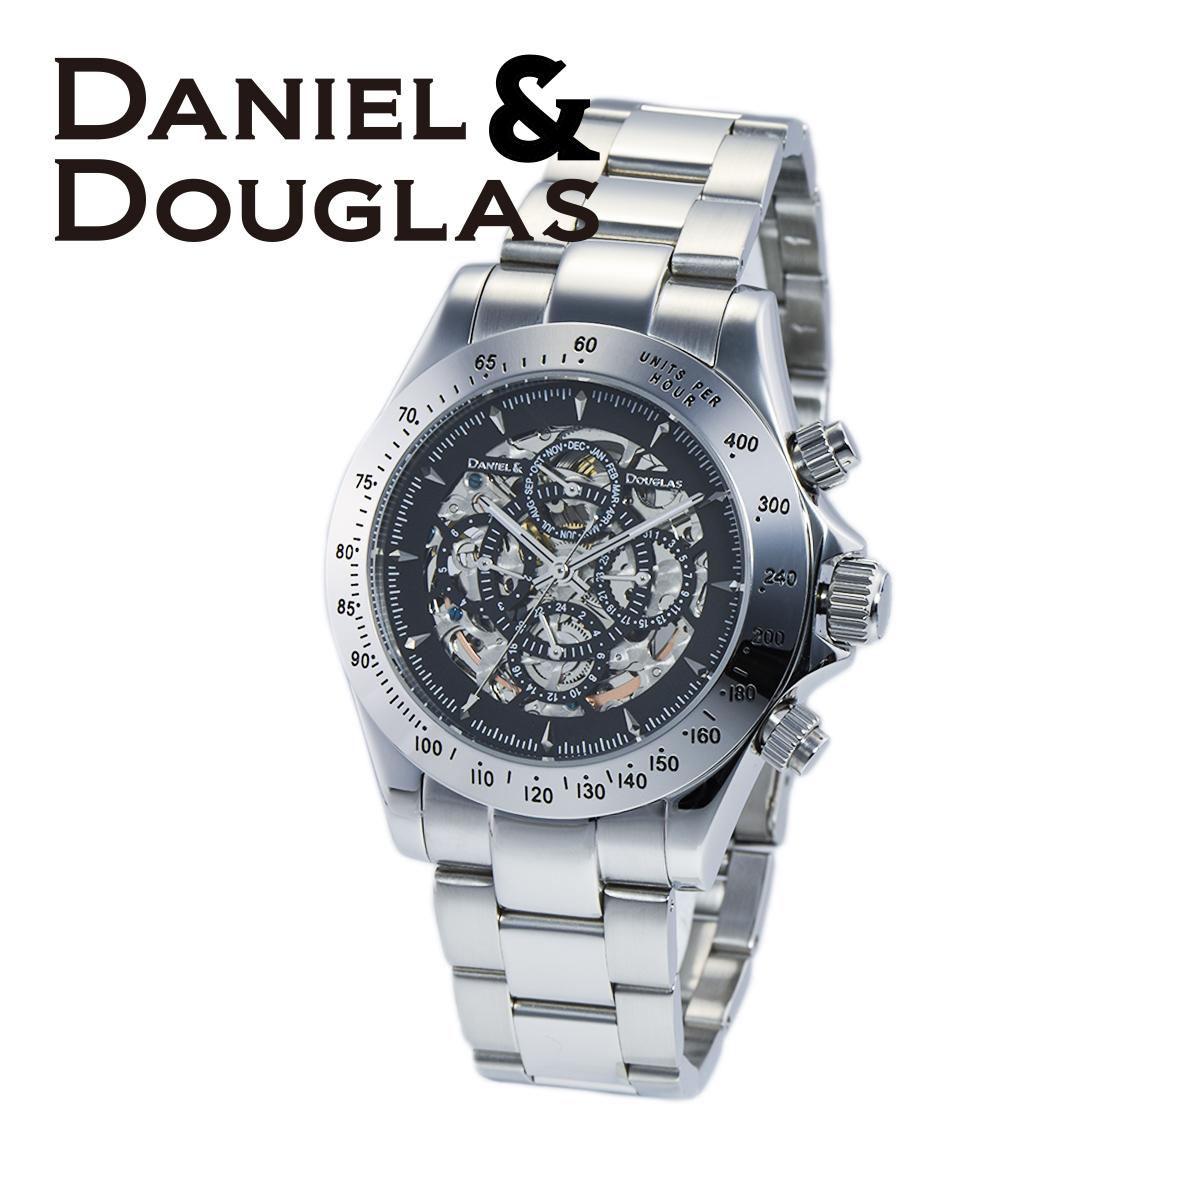 【全品送料無料】 ダニエルダグラス DANIEL&DOUGLAS ダニエル ダグラス DD8802-BKSV メンズ 時計 腕時計 自動巻き オートマチック スケルトン